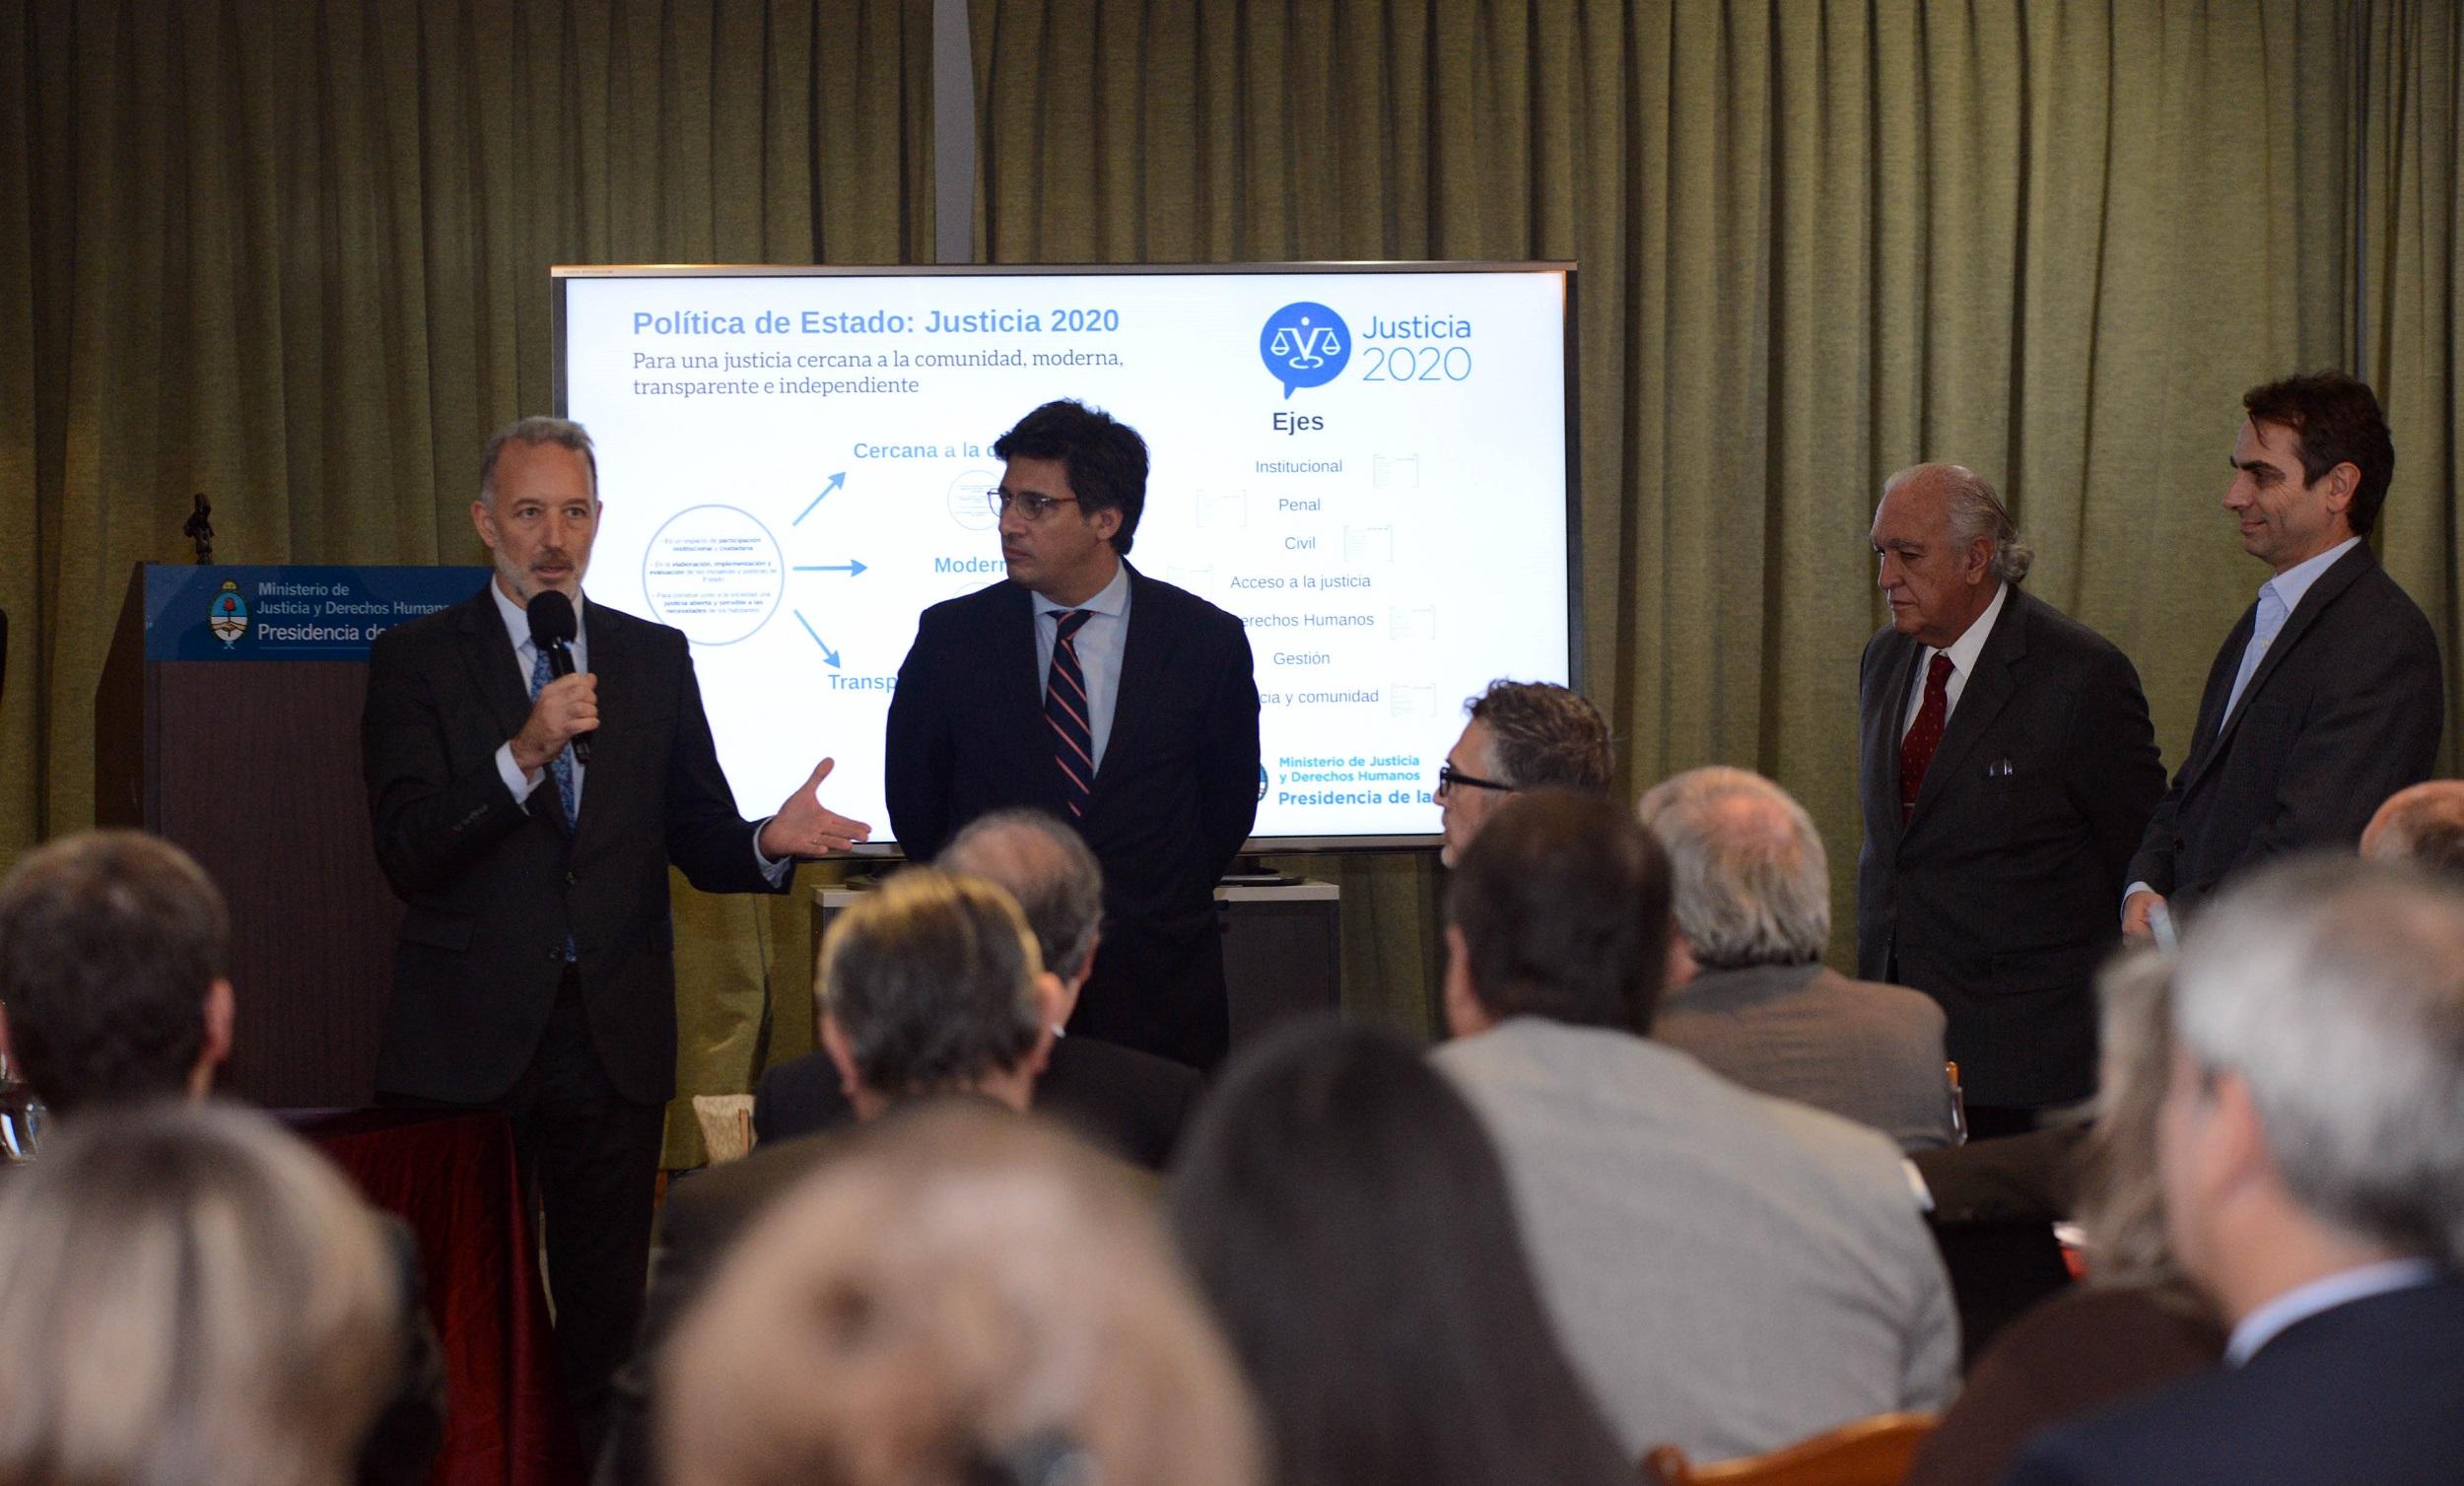 Se presentó Justicia 2020 ante decanos de Facultades de Derecho